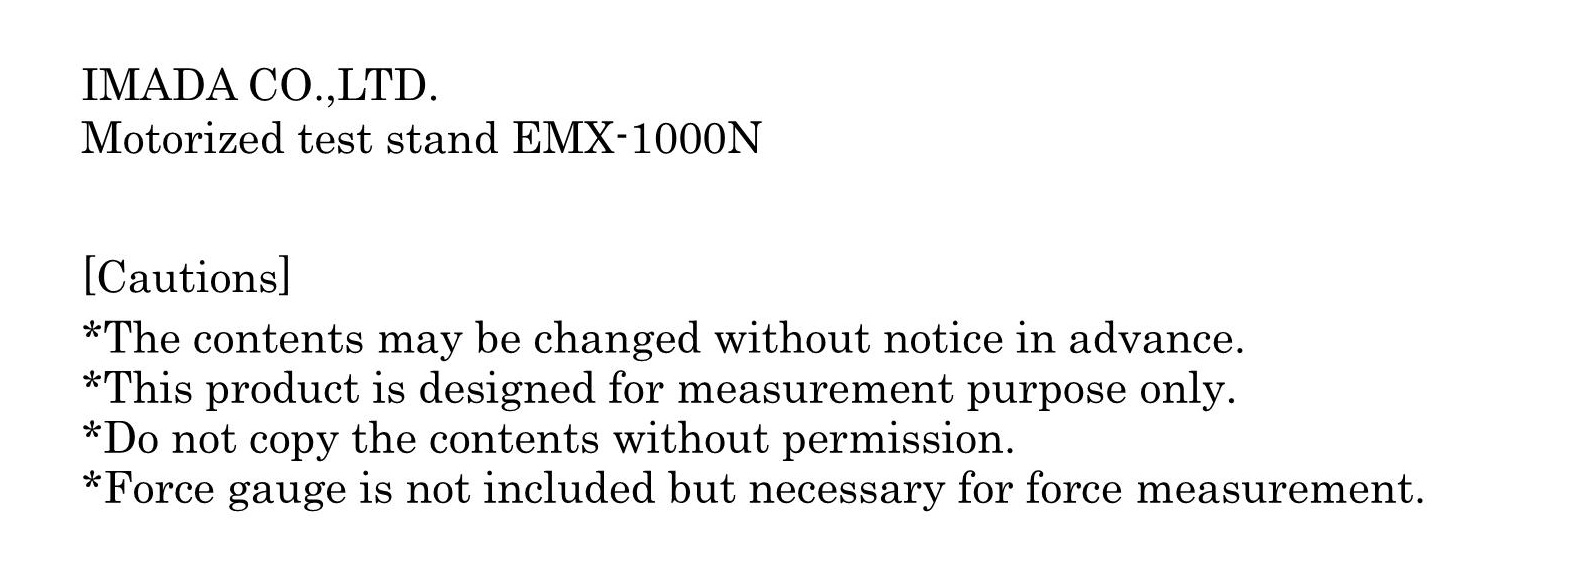 เครื่องมือวัดละเอียด EMX-1000N